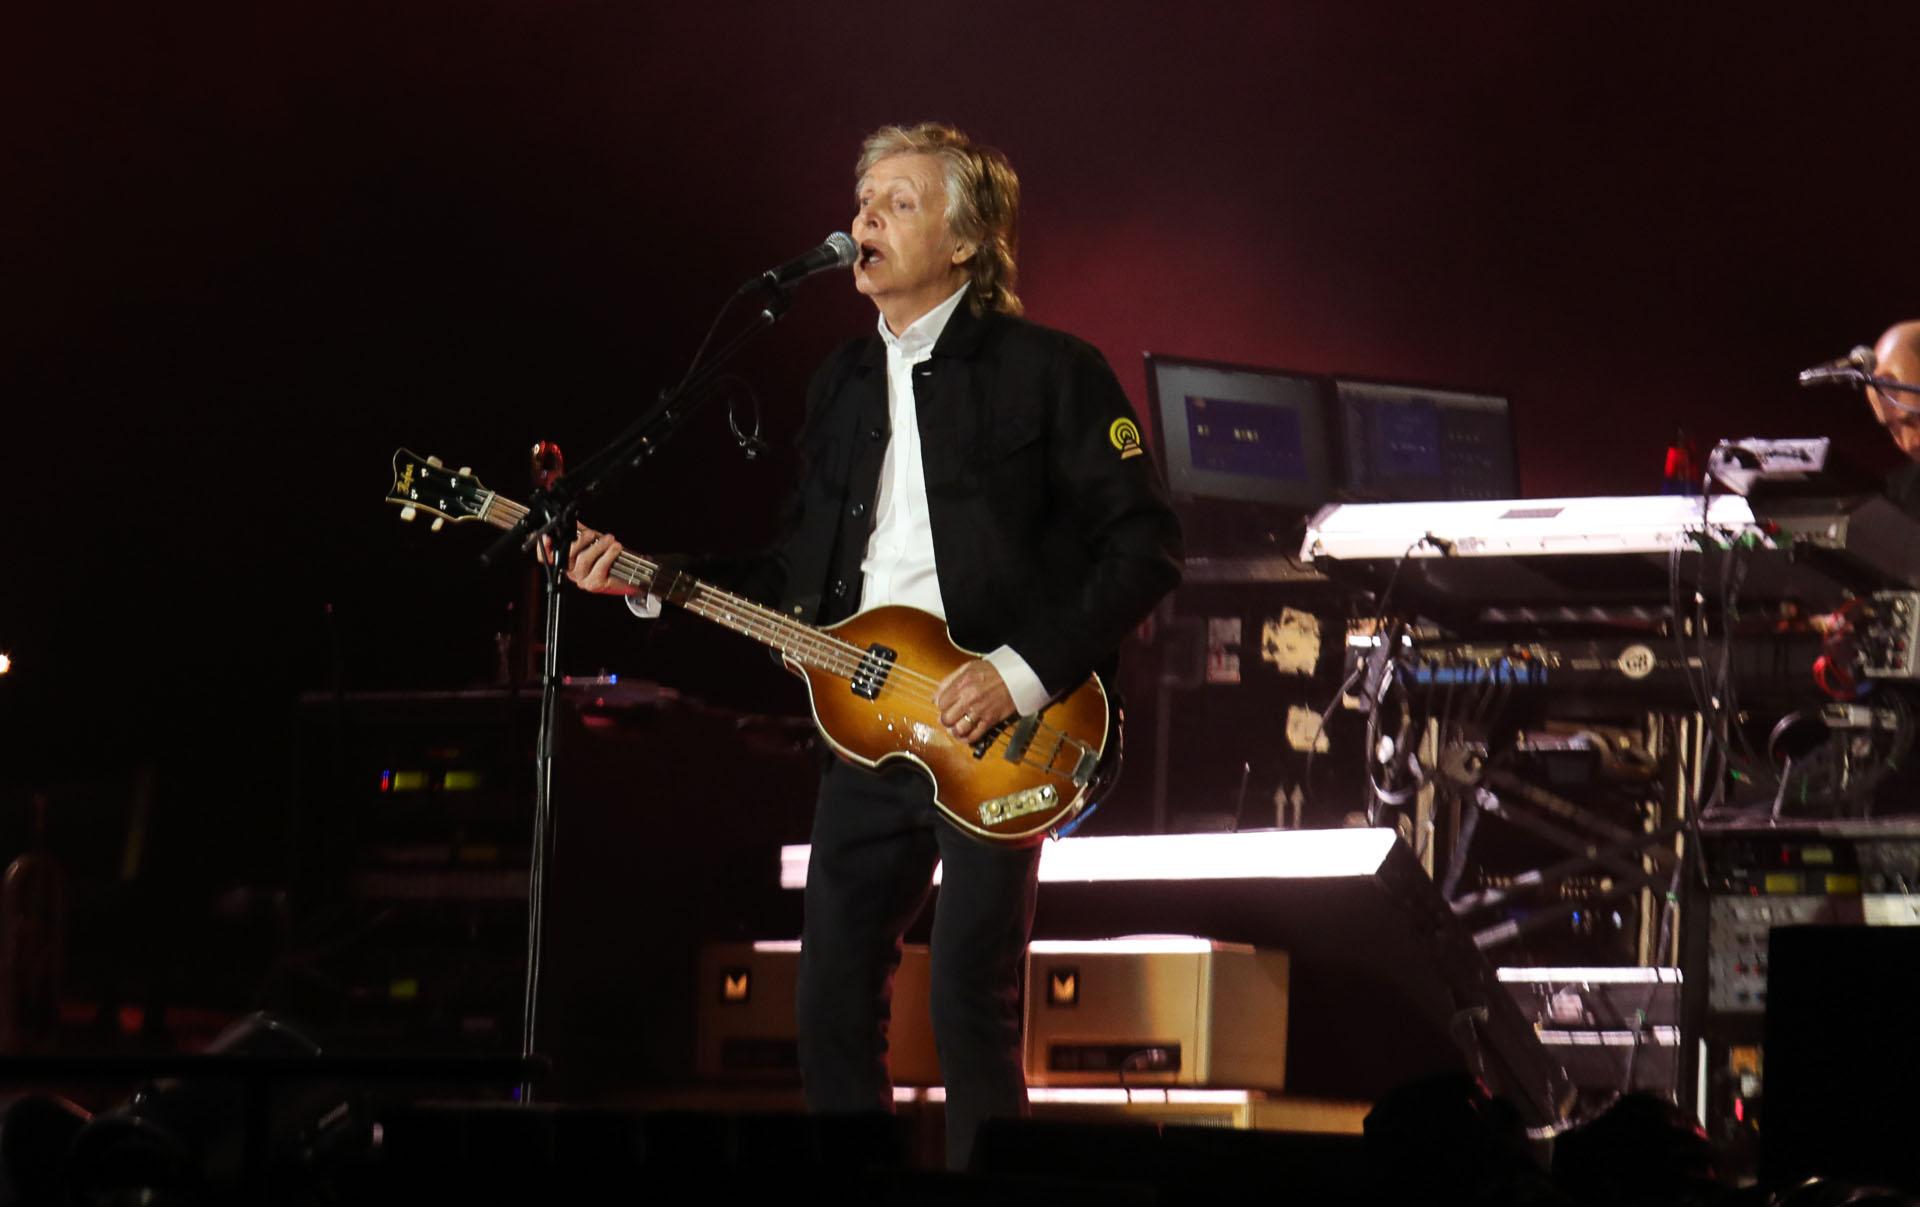 En la lista de temas hubo canciones de The Beatles, pero también de su segunda banda, Wings, así como también de su carrera solista